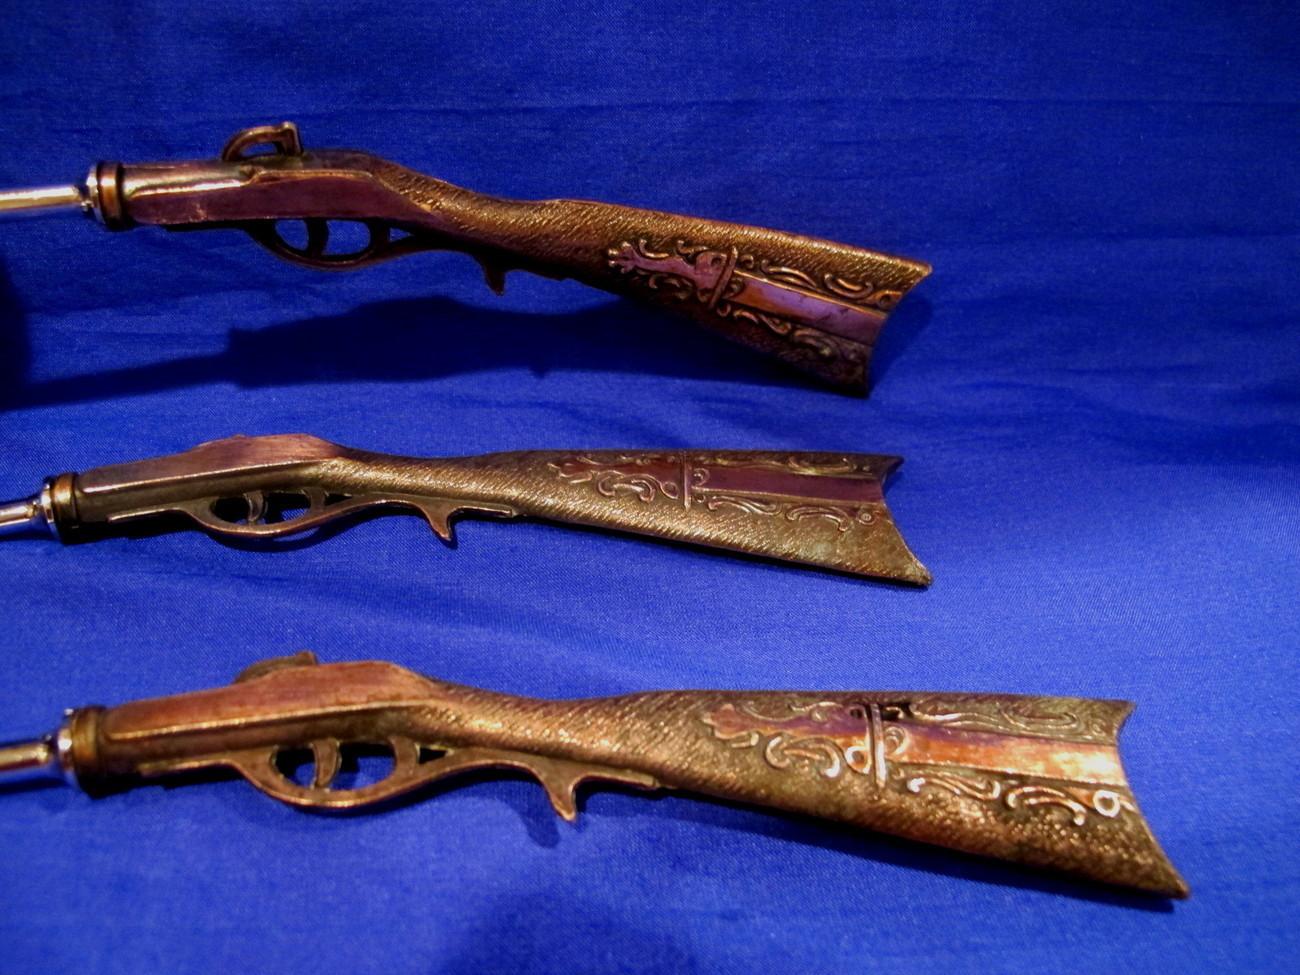 Rifle Handles Cocktail Bar Set Vintage Souvenir Collectible Guns Collector